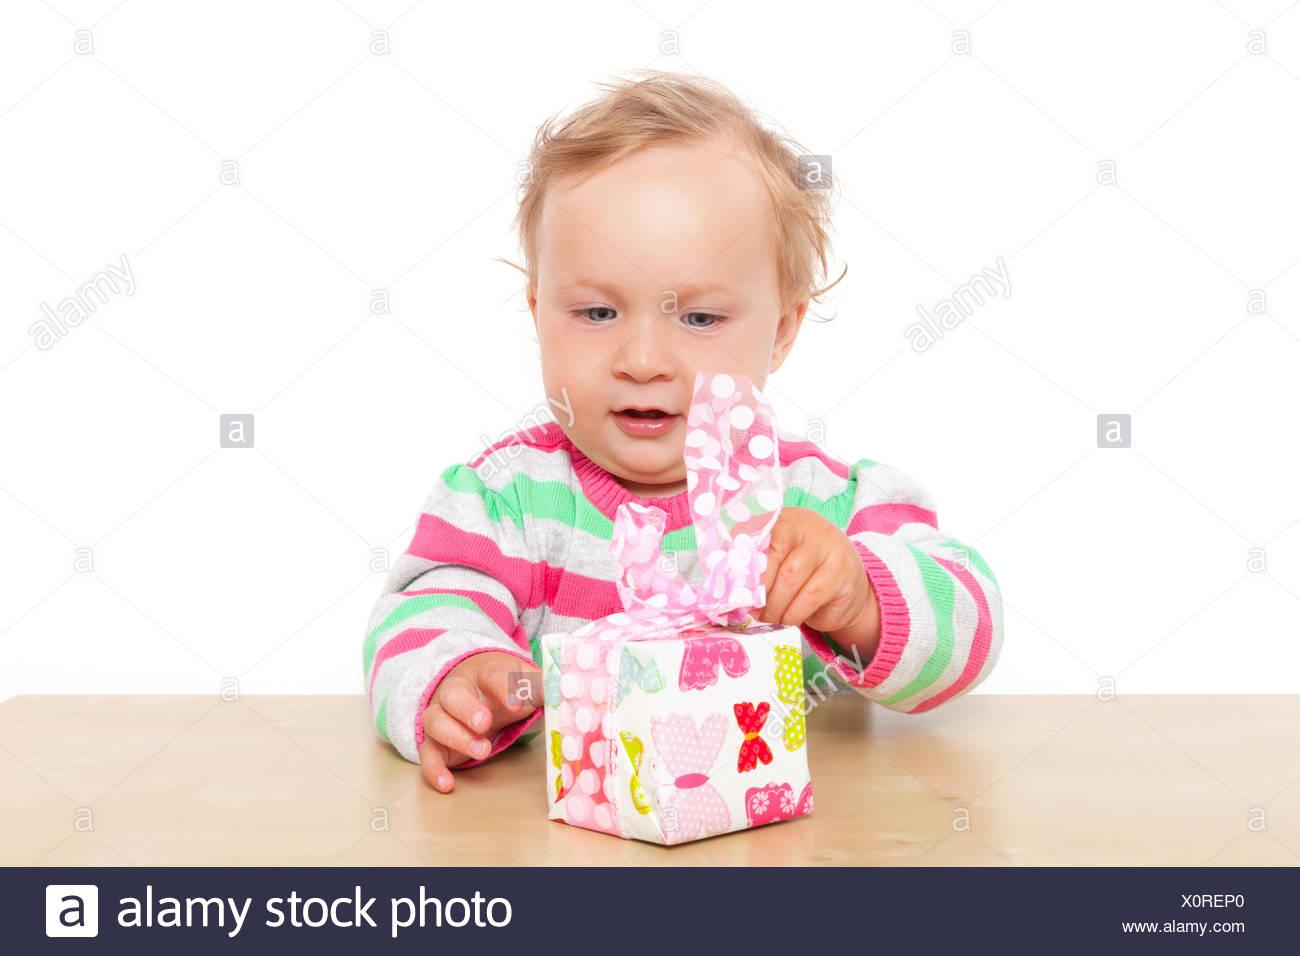 Baby Girl desenvolver presente. Imagen De Stock